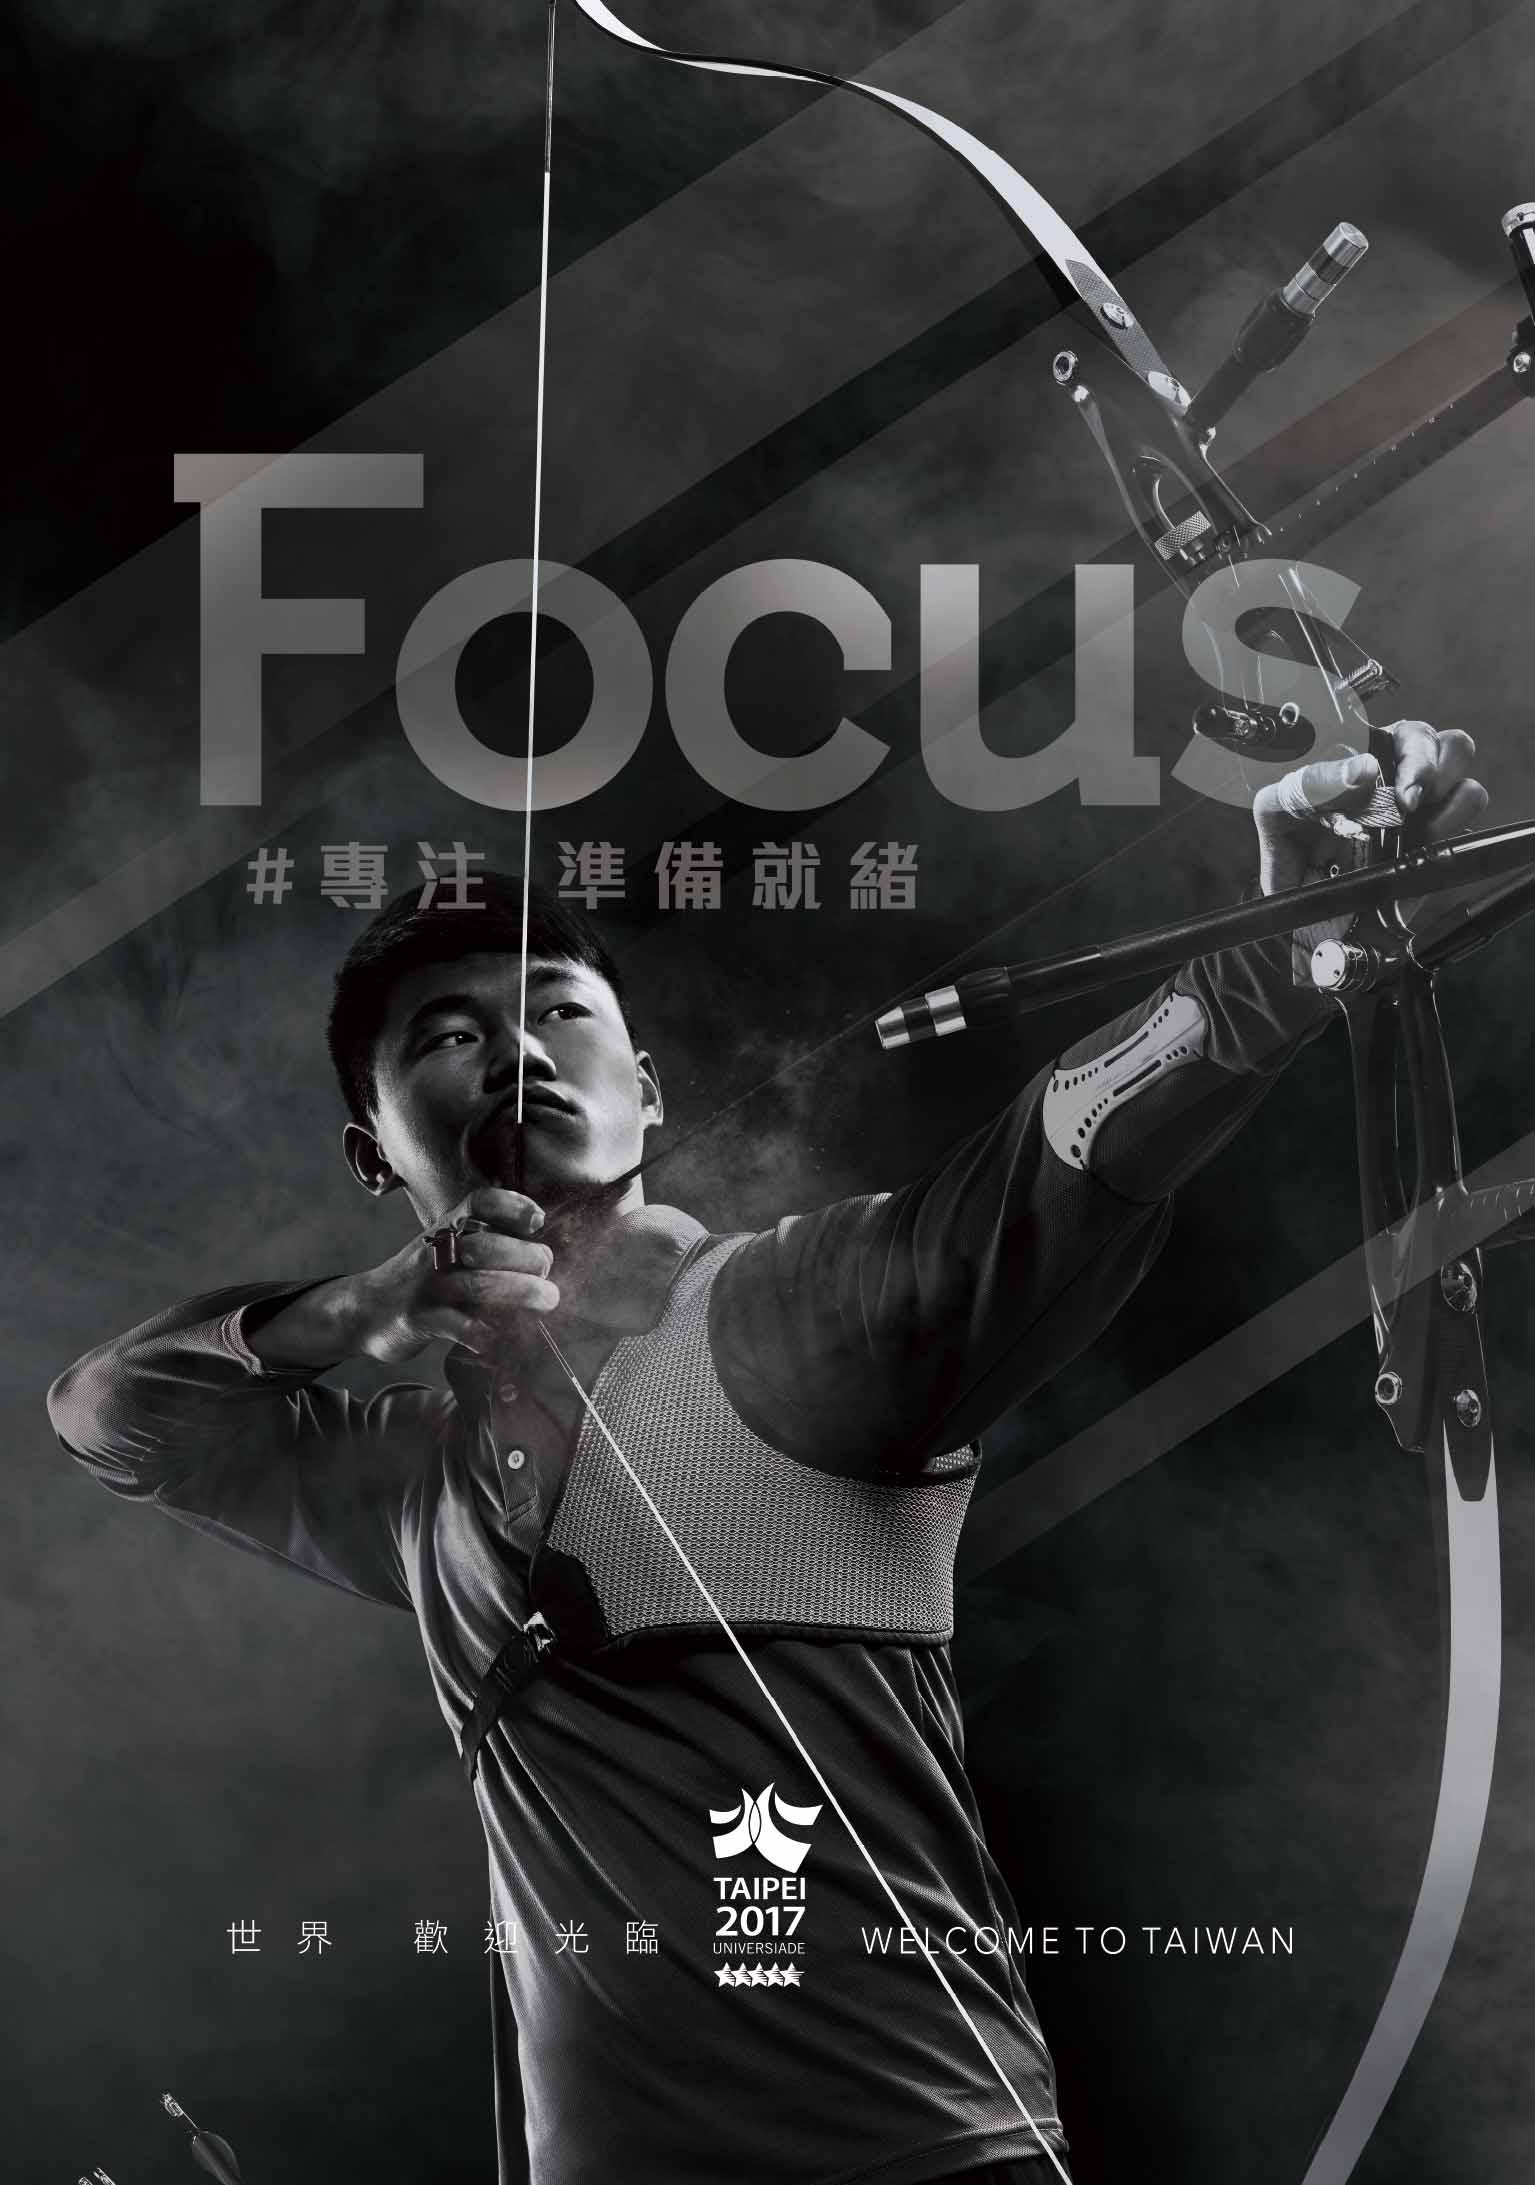 世大運-Focus